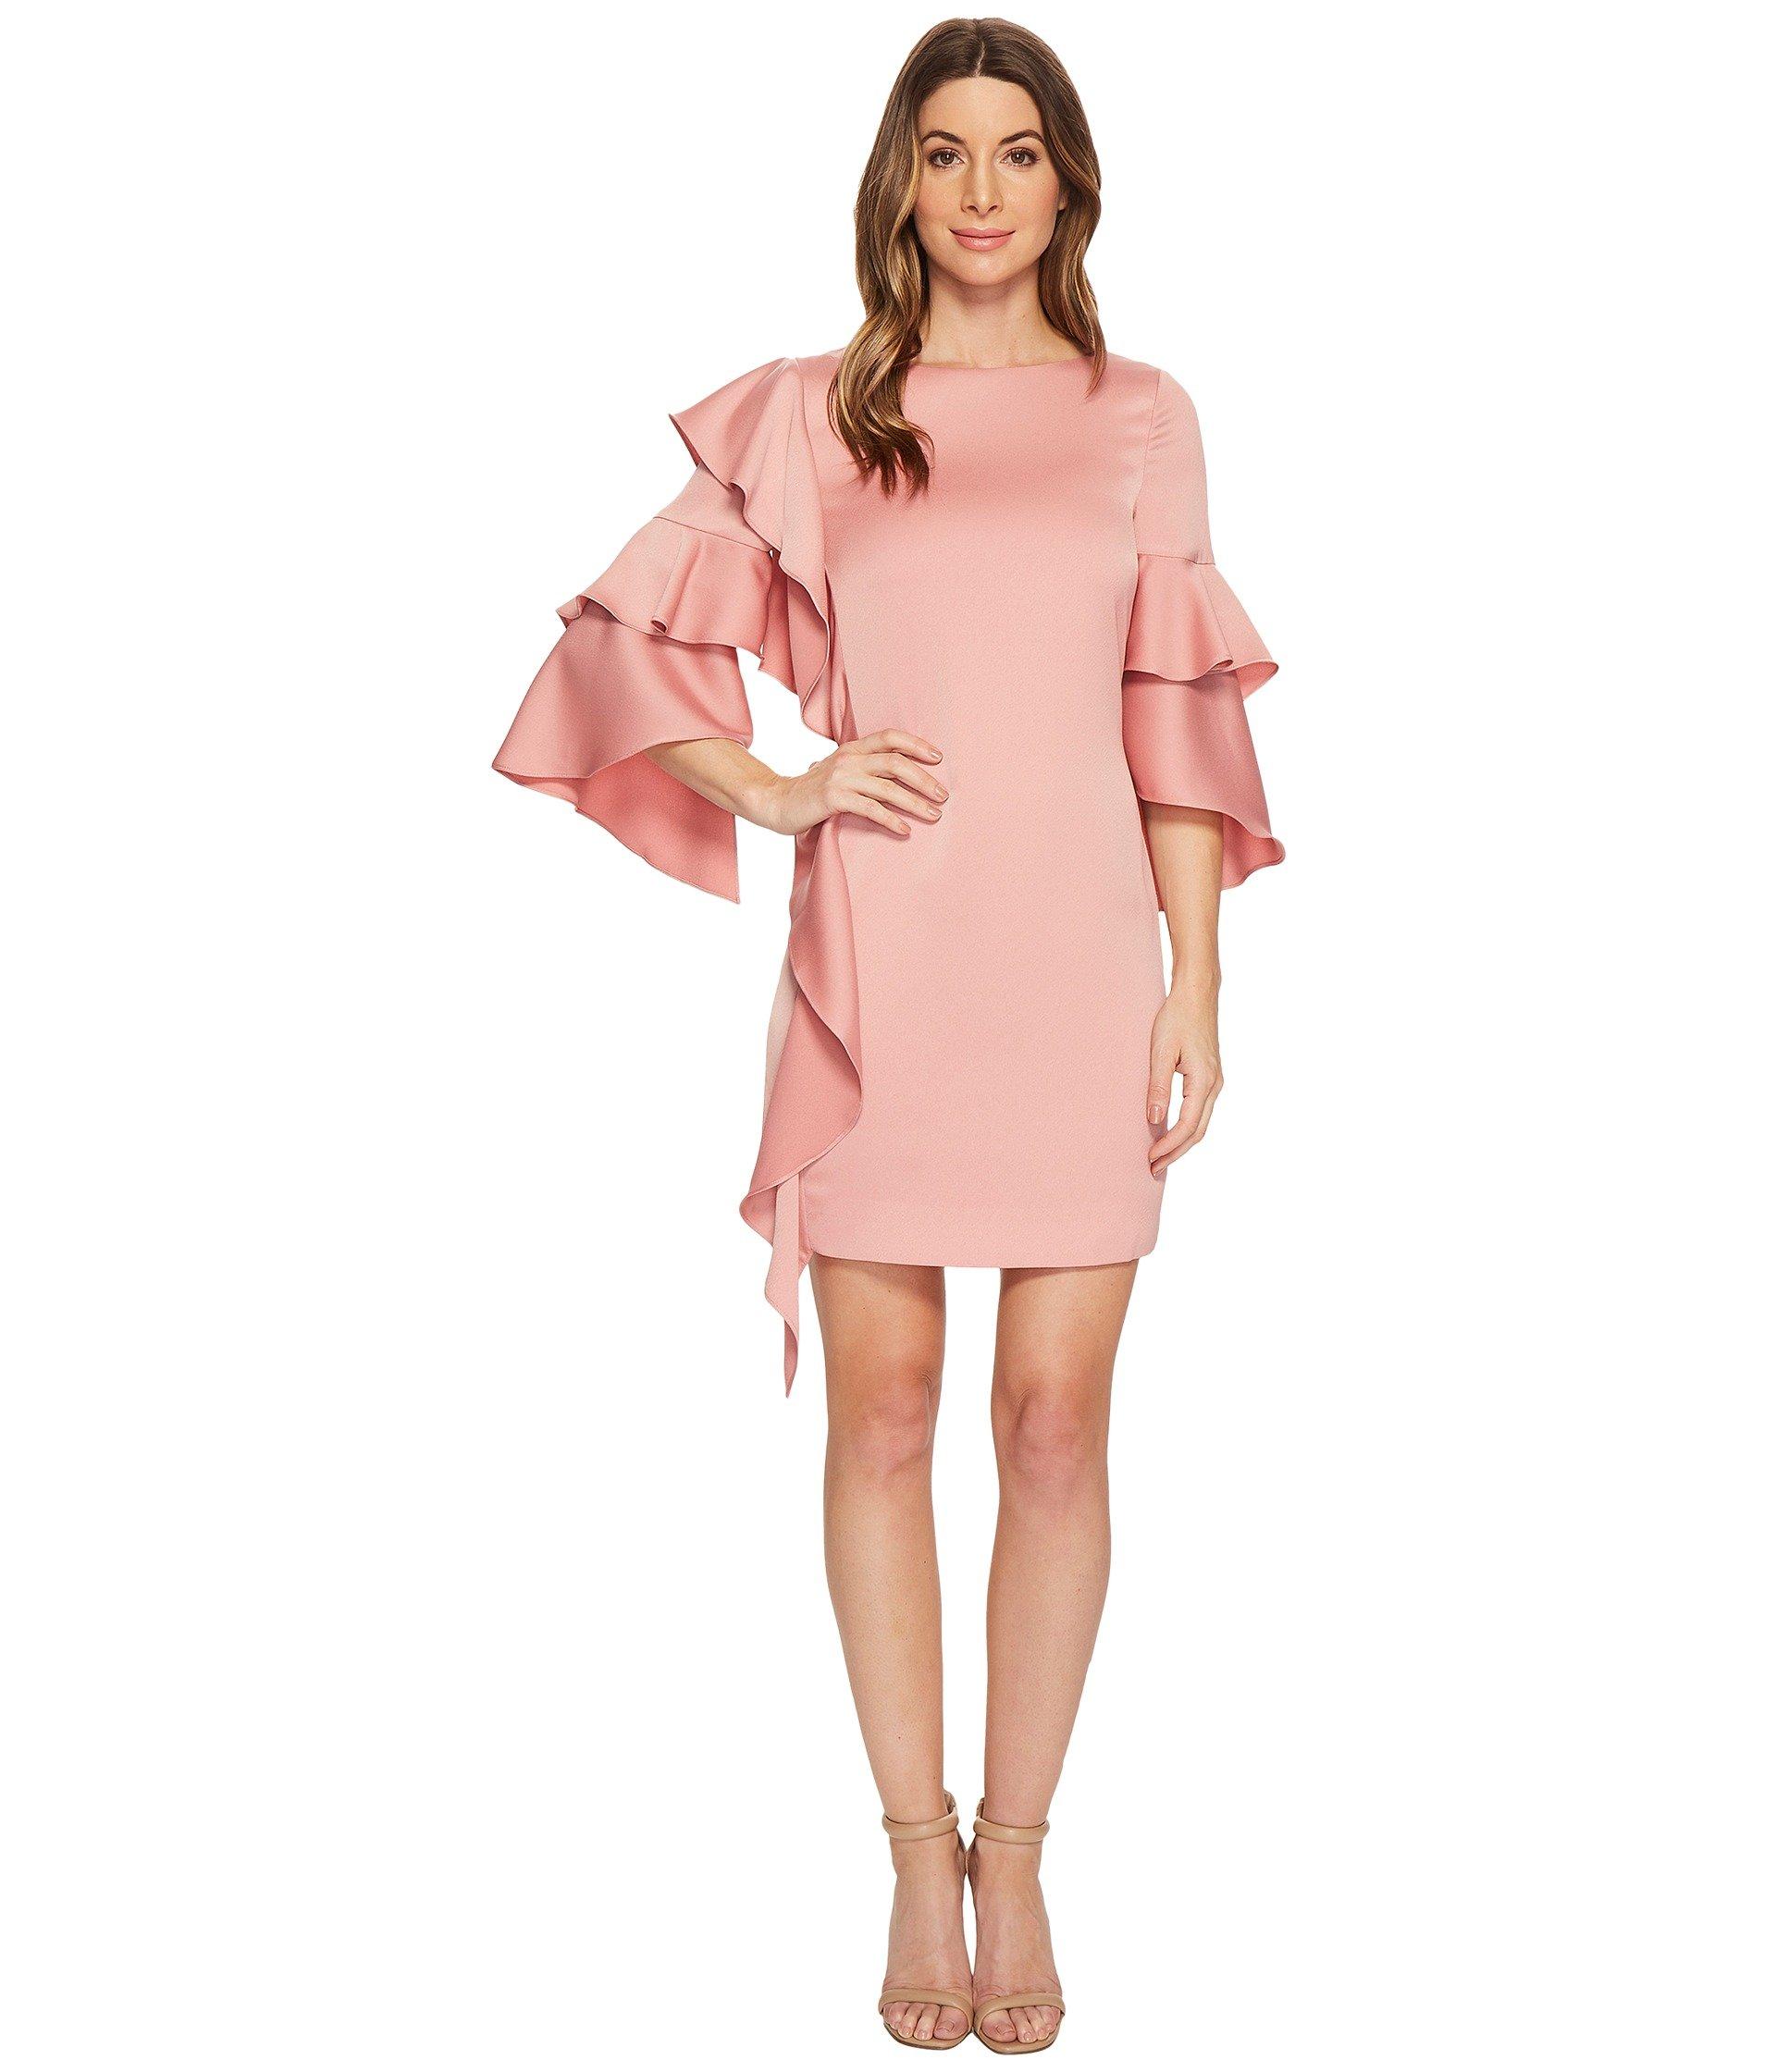 Wunderbar Roberto Cavalli Prom Kleider Fotos - Hochzeit Kleid Stile ...